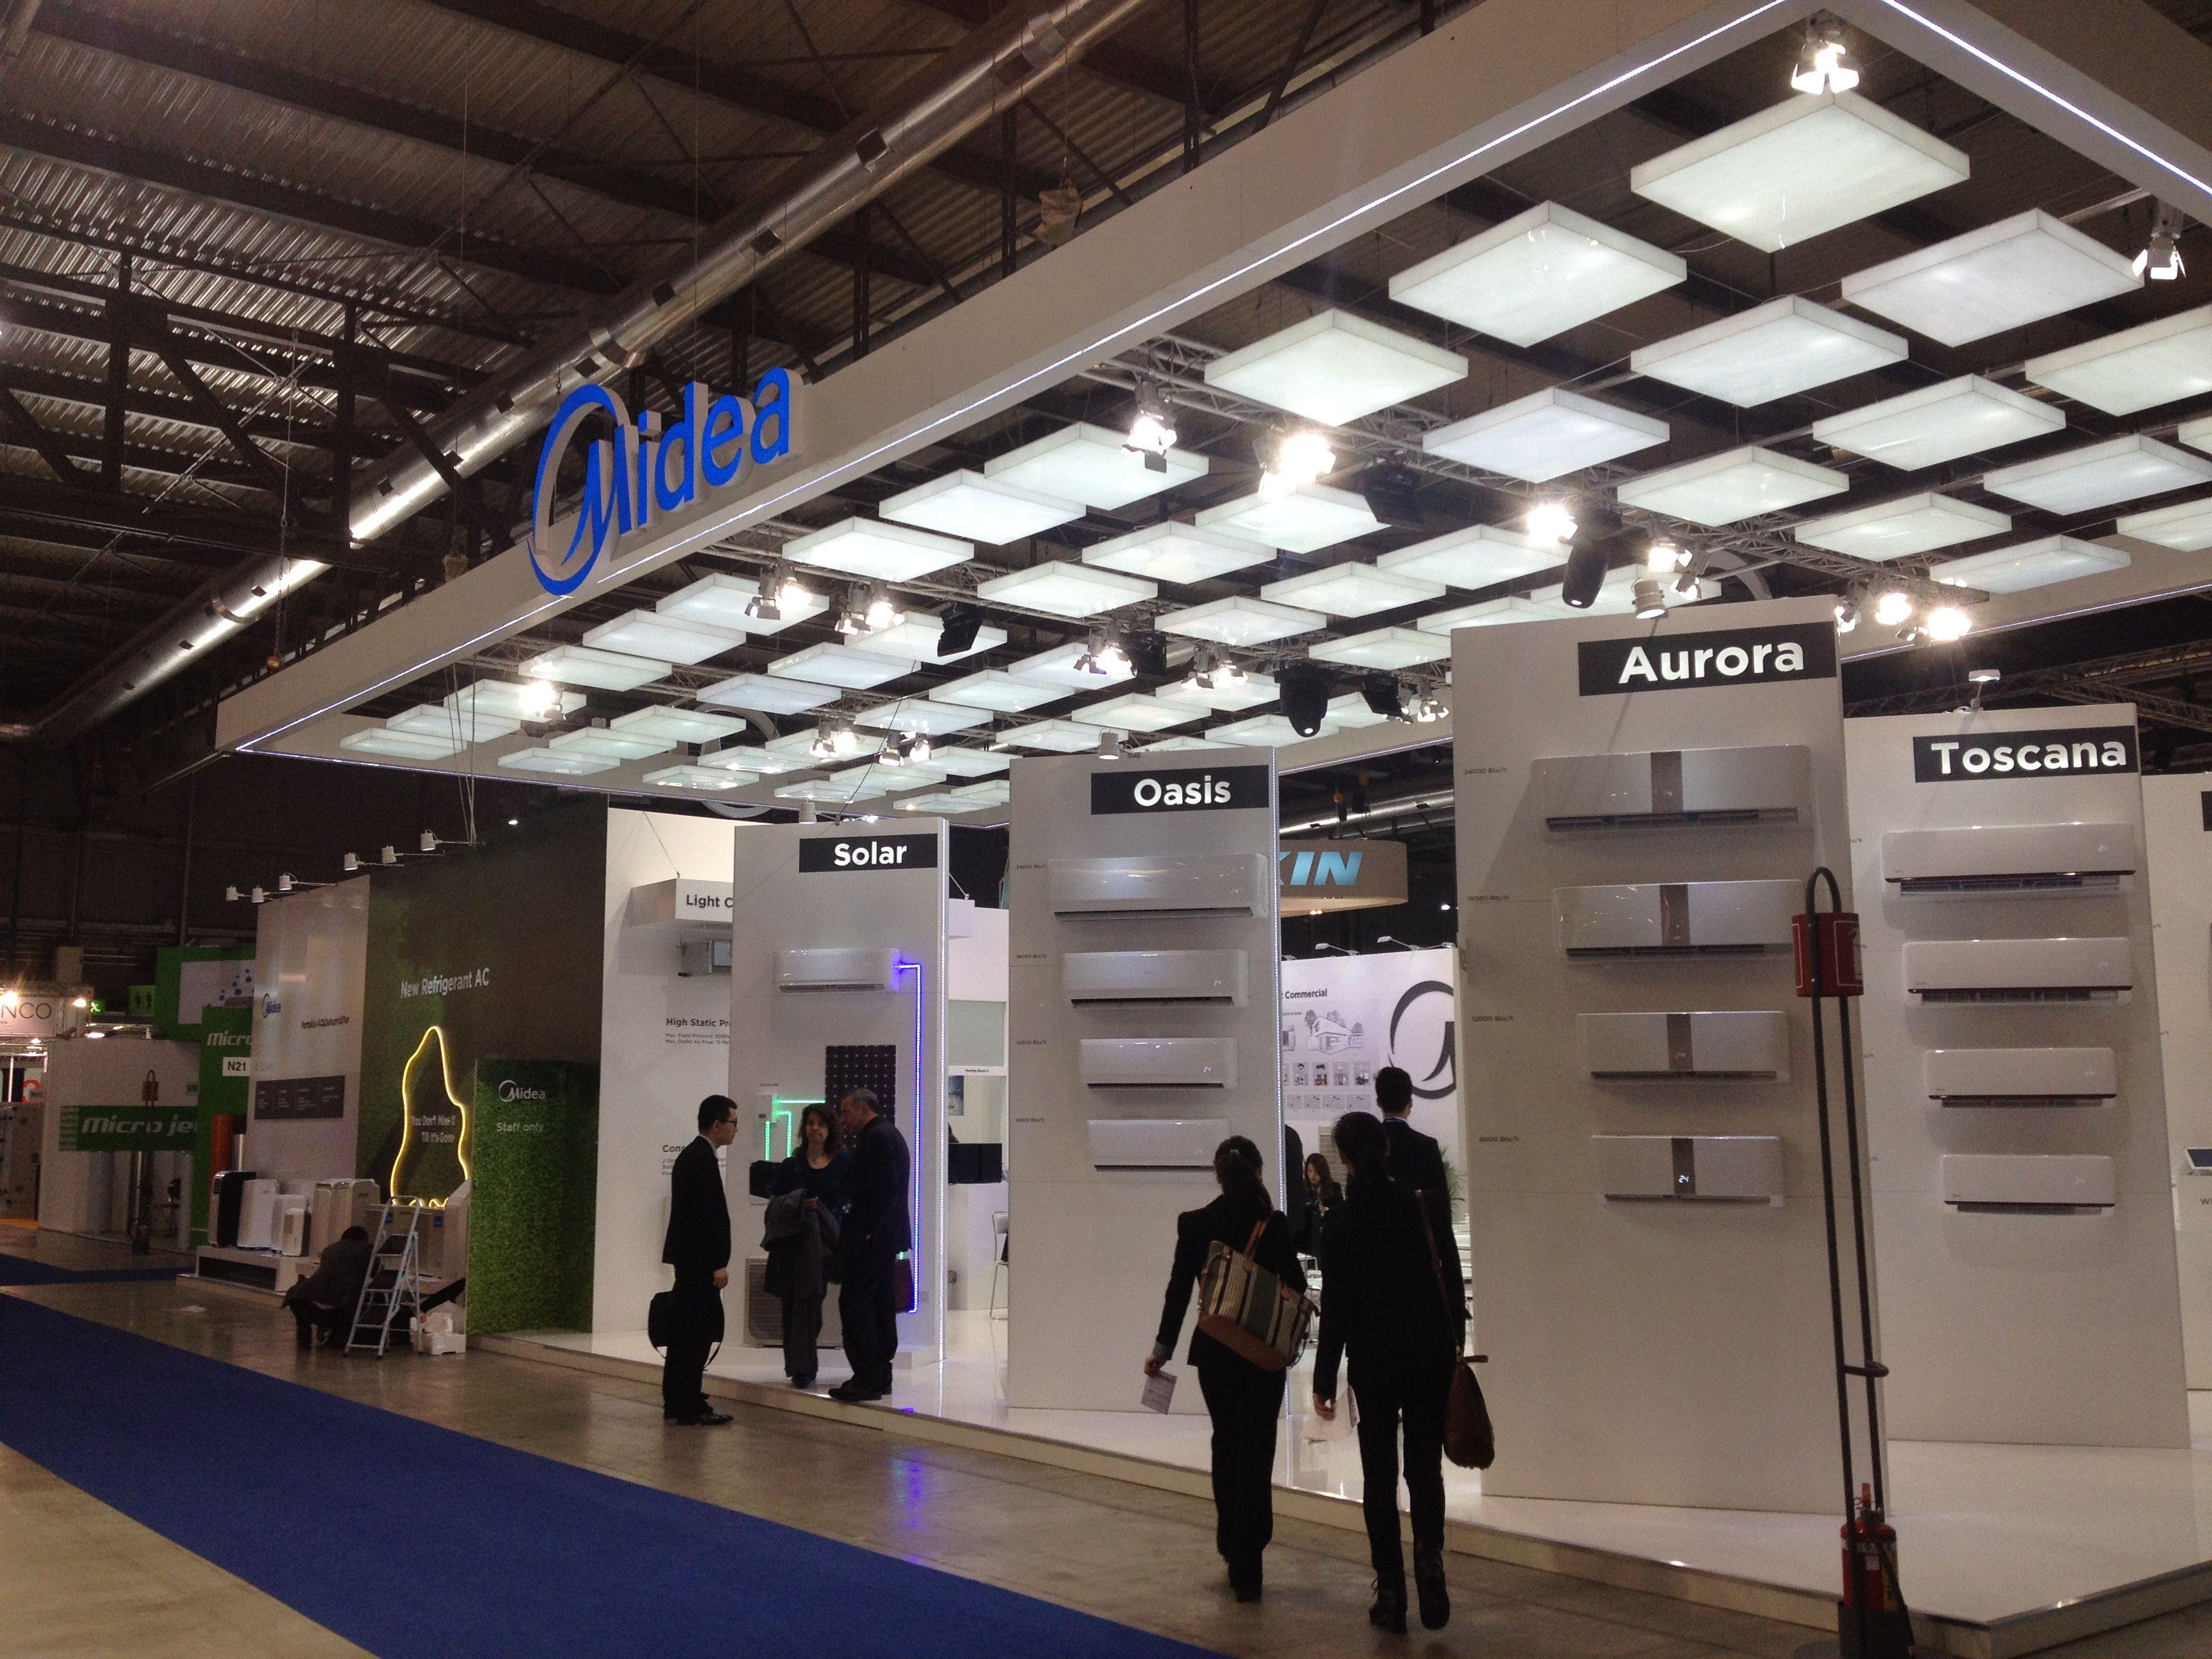 Best Stands Expo Milan : Midea mce milan